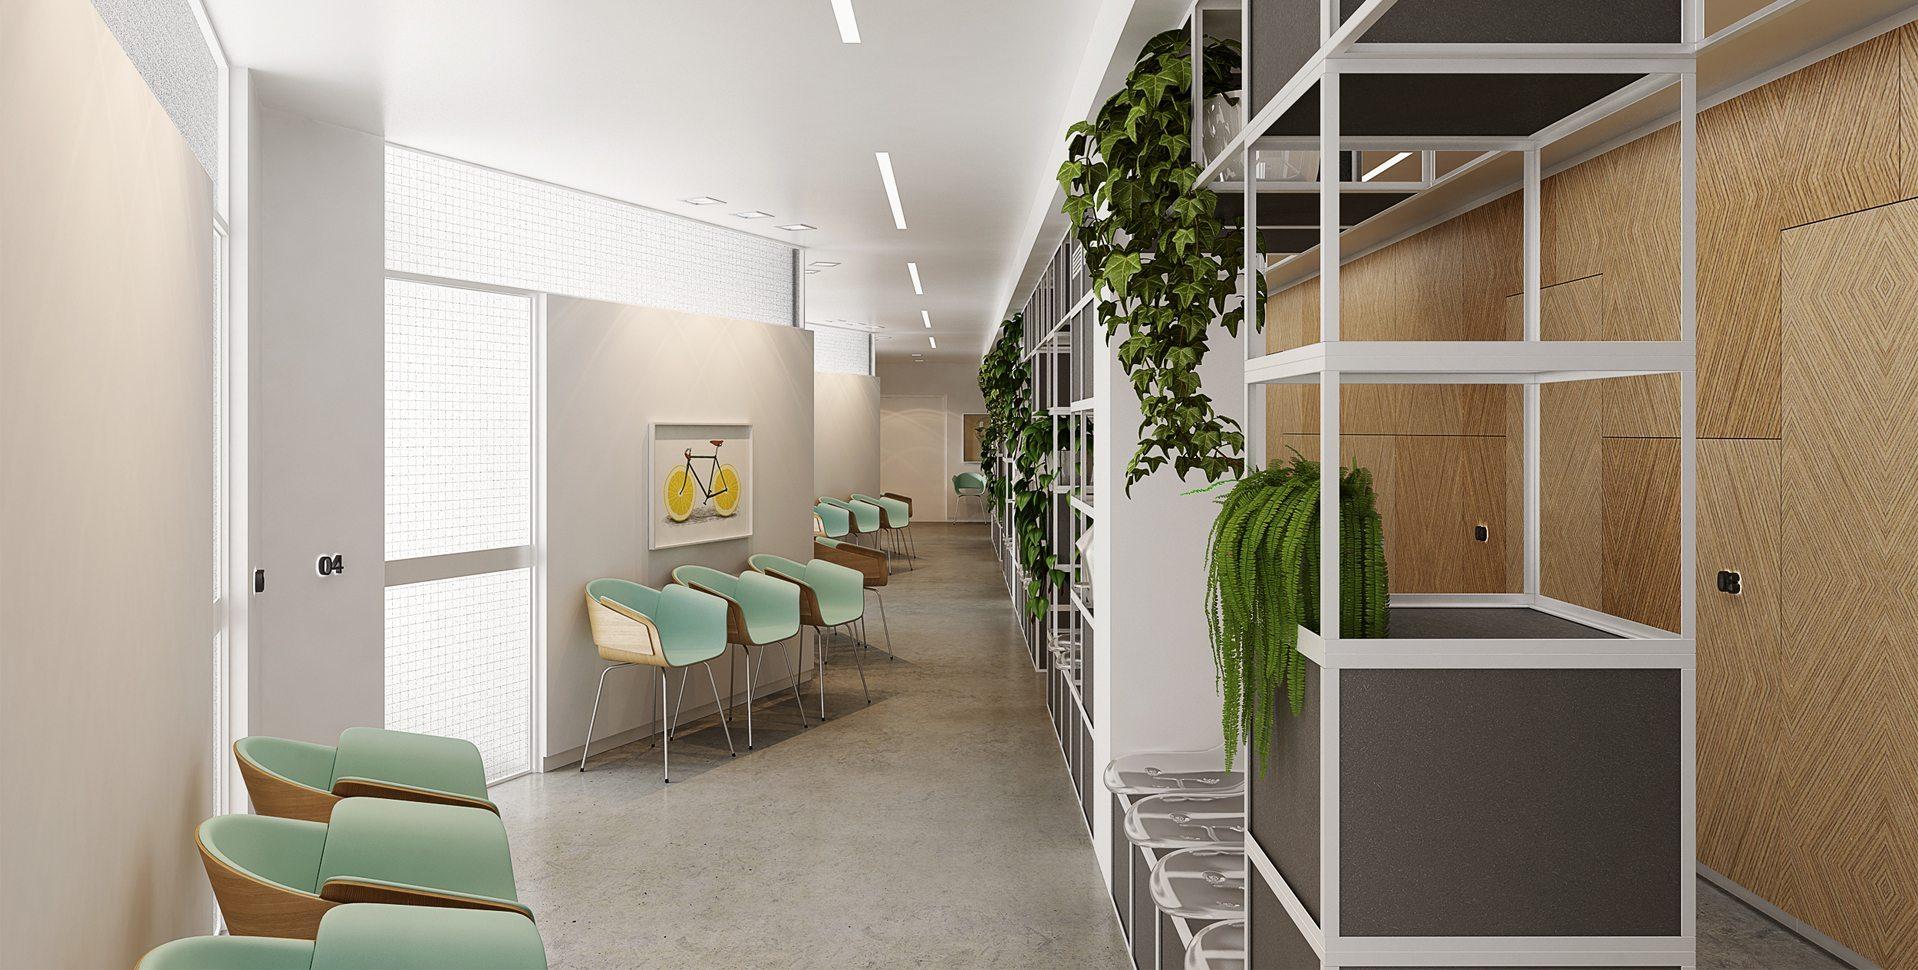 Architectural Visualization: Clinic, Corridor View